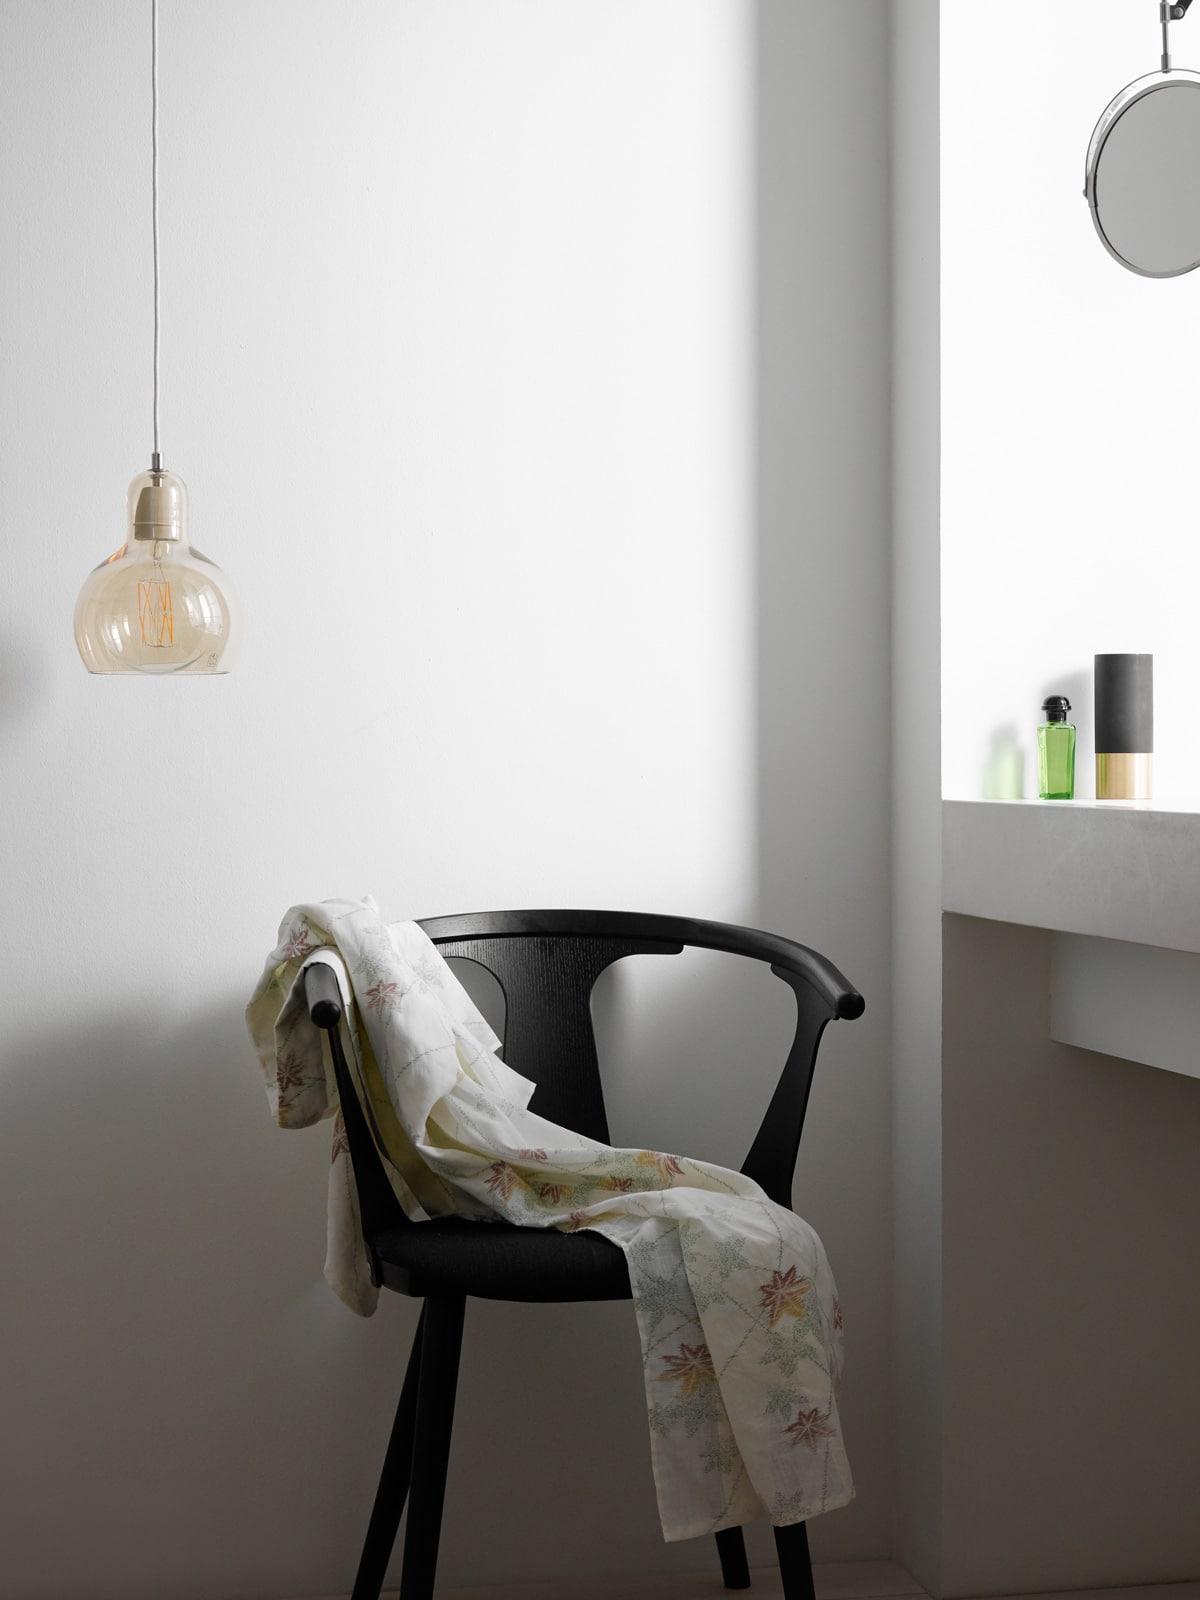 DesignOrt Blog: Kleine Pendelleuchten Mega Bulb SR2 Gold &tradition